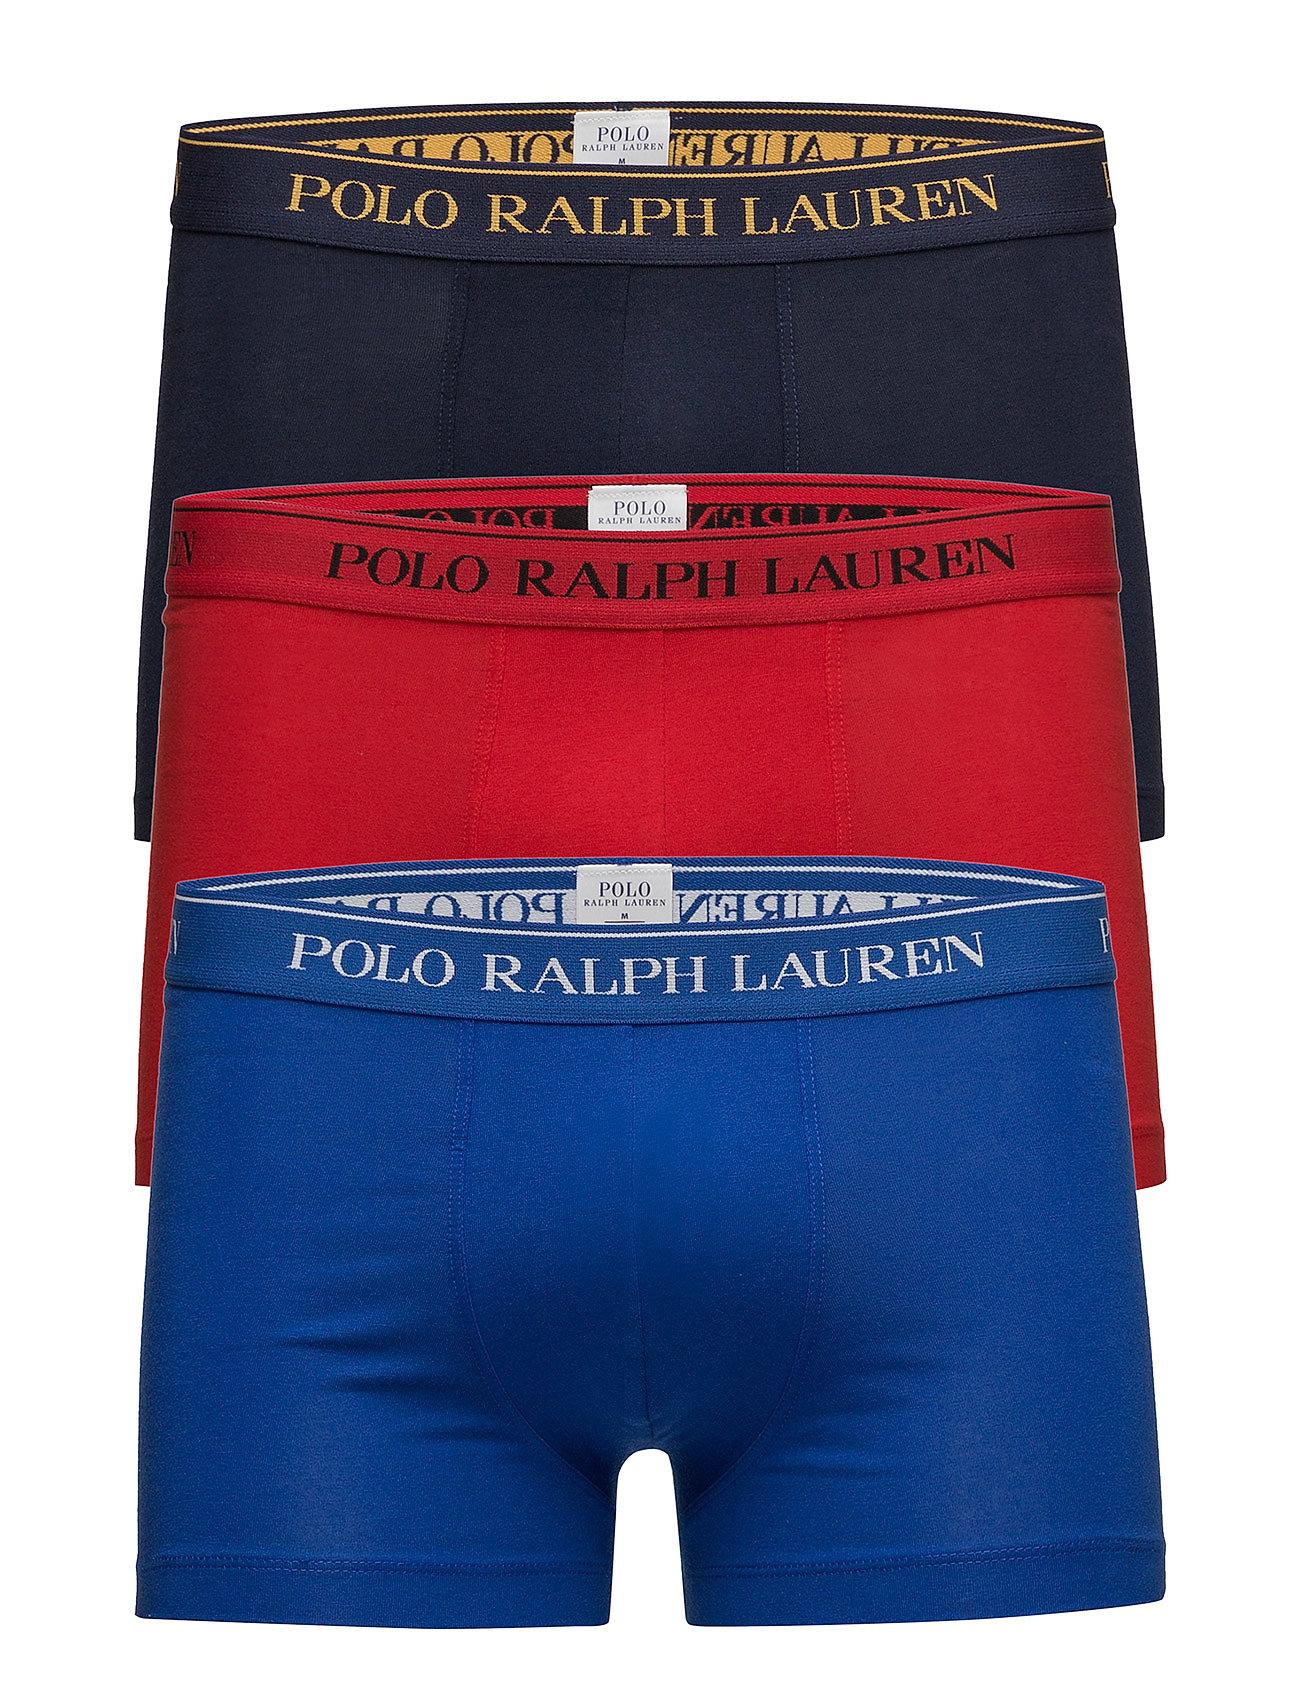 Polo Ralph Lauren Underwear Stretch Cotton Trunk 3-Pack